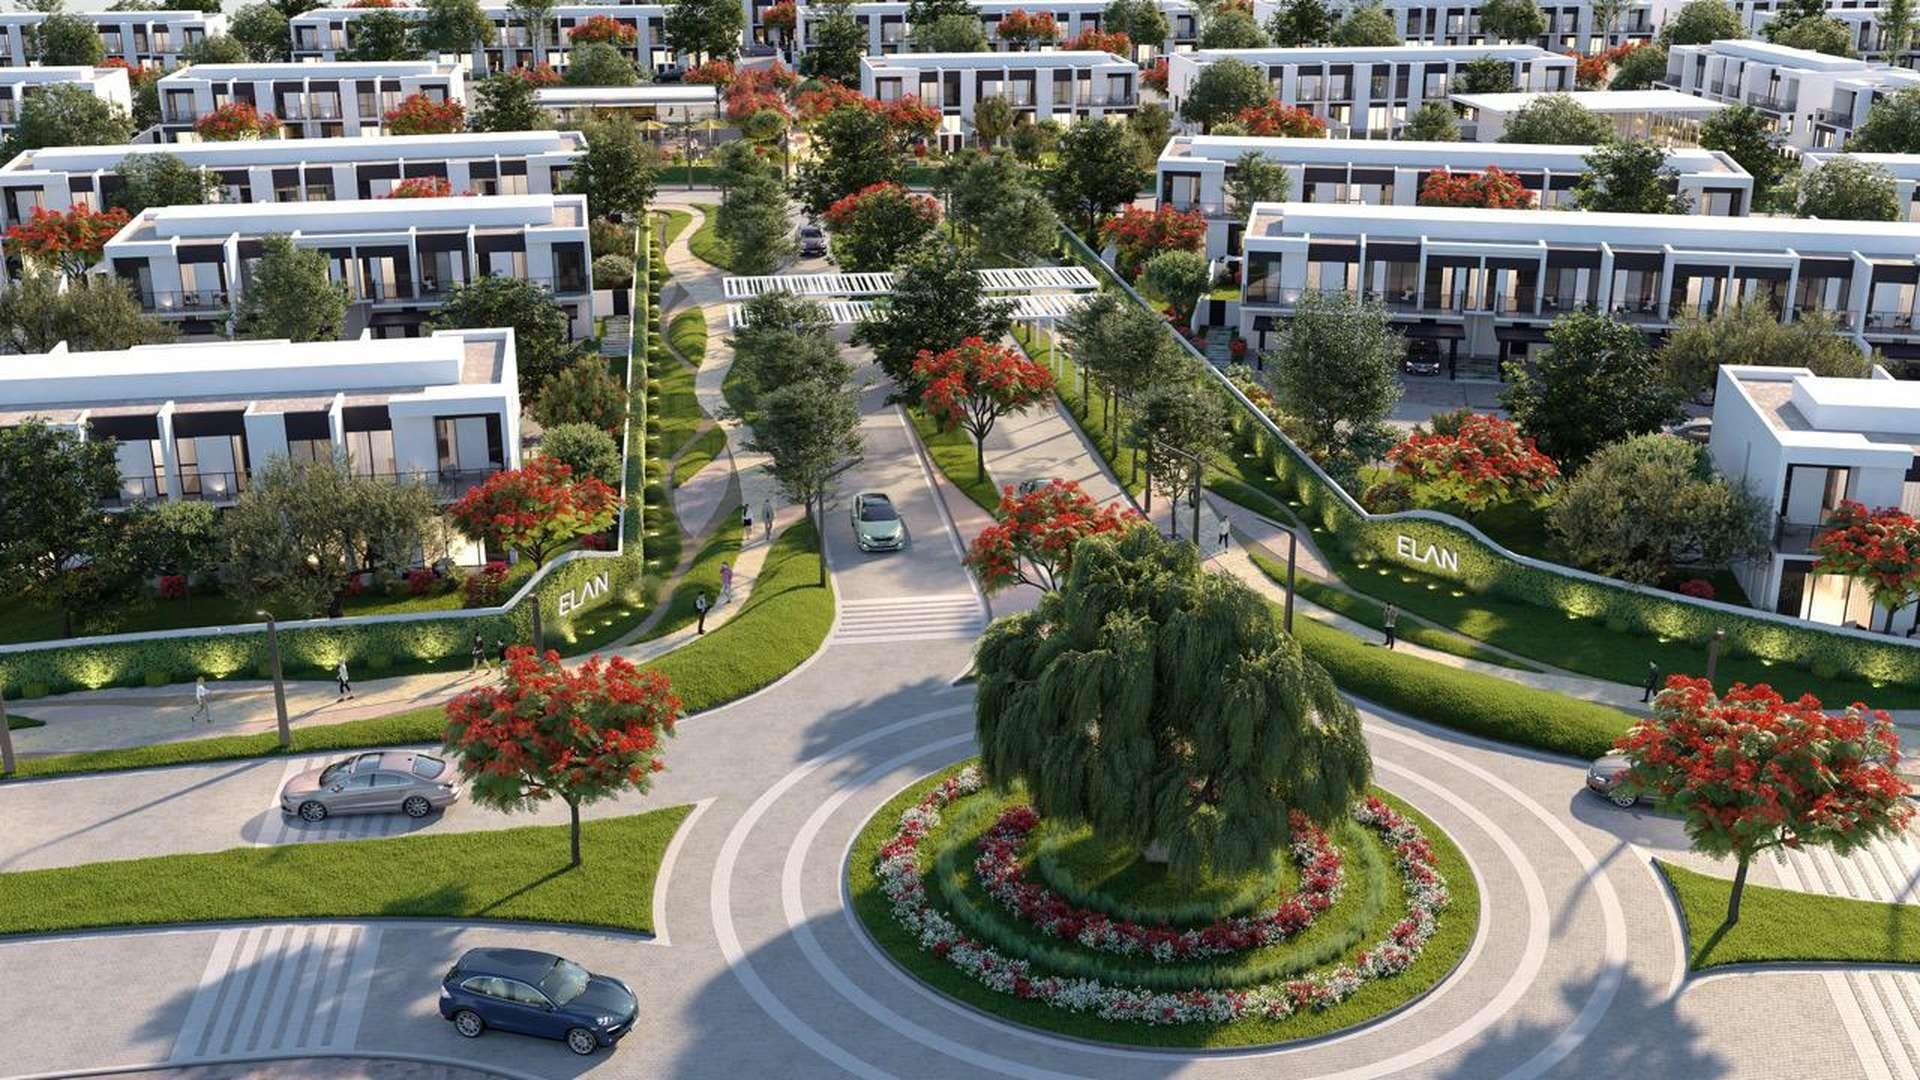 elan 1 1920x1080 1 - Dubai: Pandemia nu oprește dezvoltarea imobiliară de lux